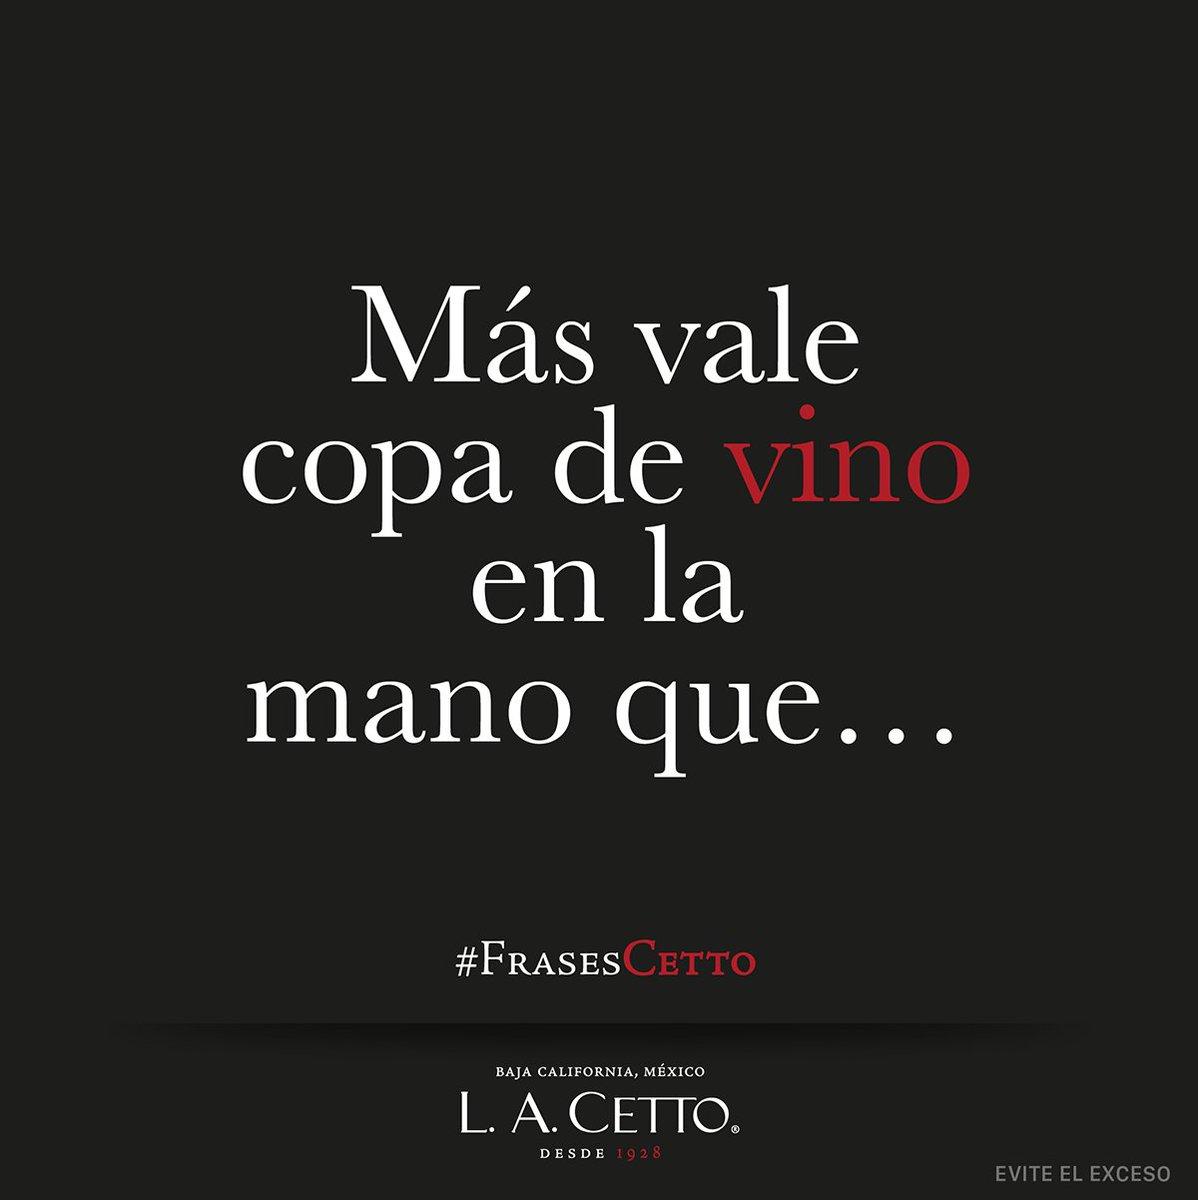 Vinos L A Cetto בטוויטר Completa La Frase Más Vale Copa